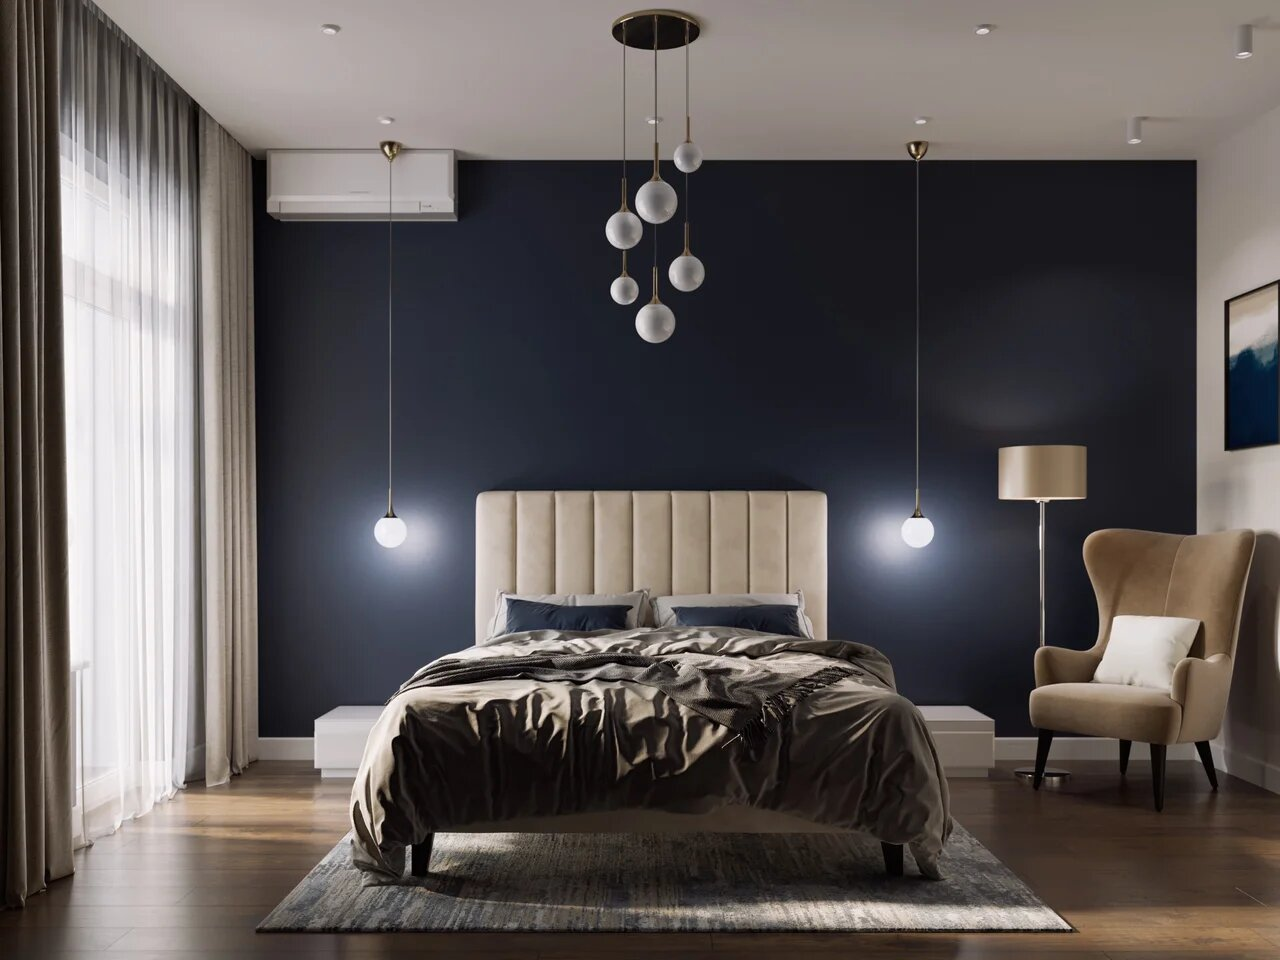 Дизайн маленькой квартиры: 6 главных принципов обустройства студии